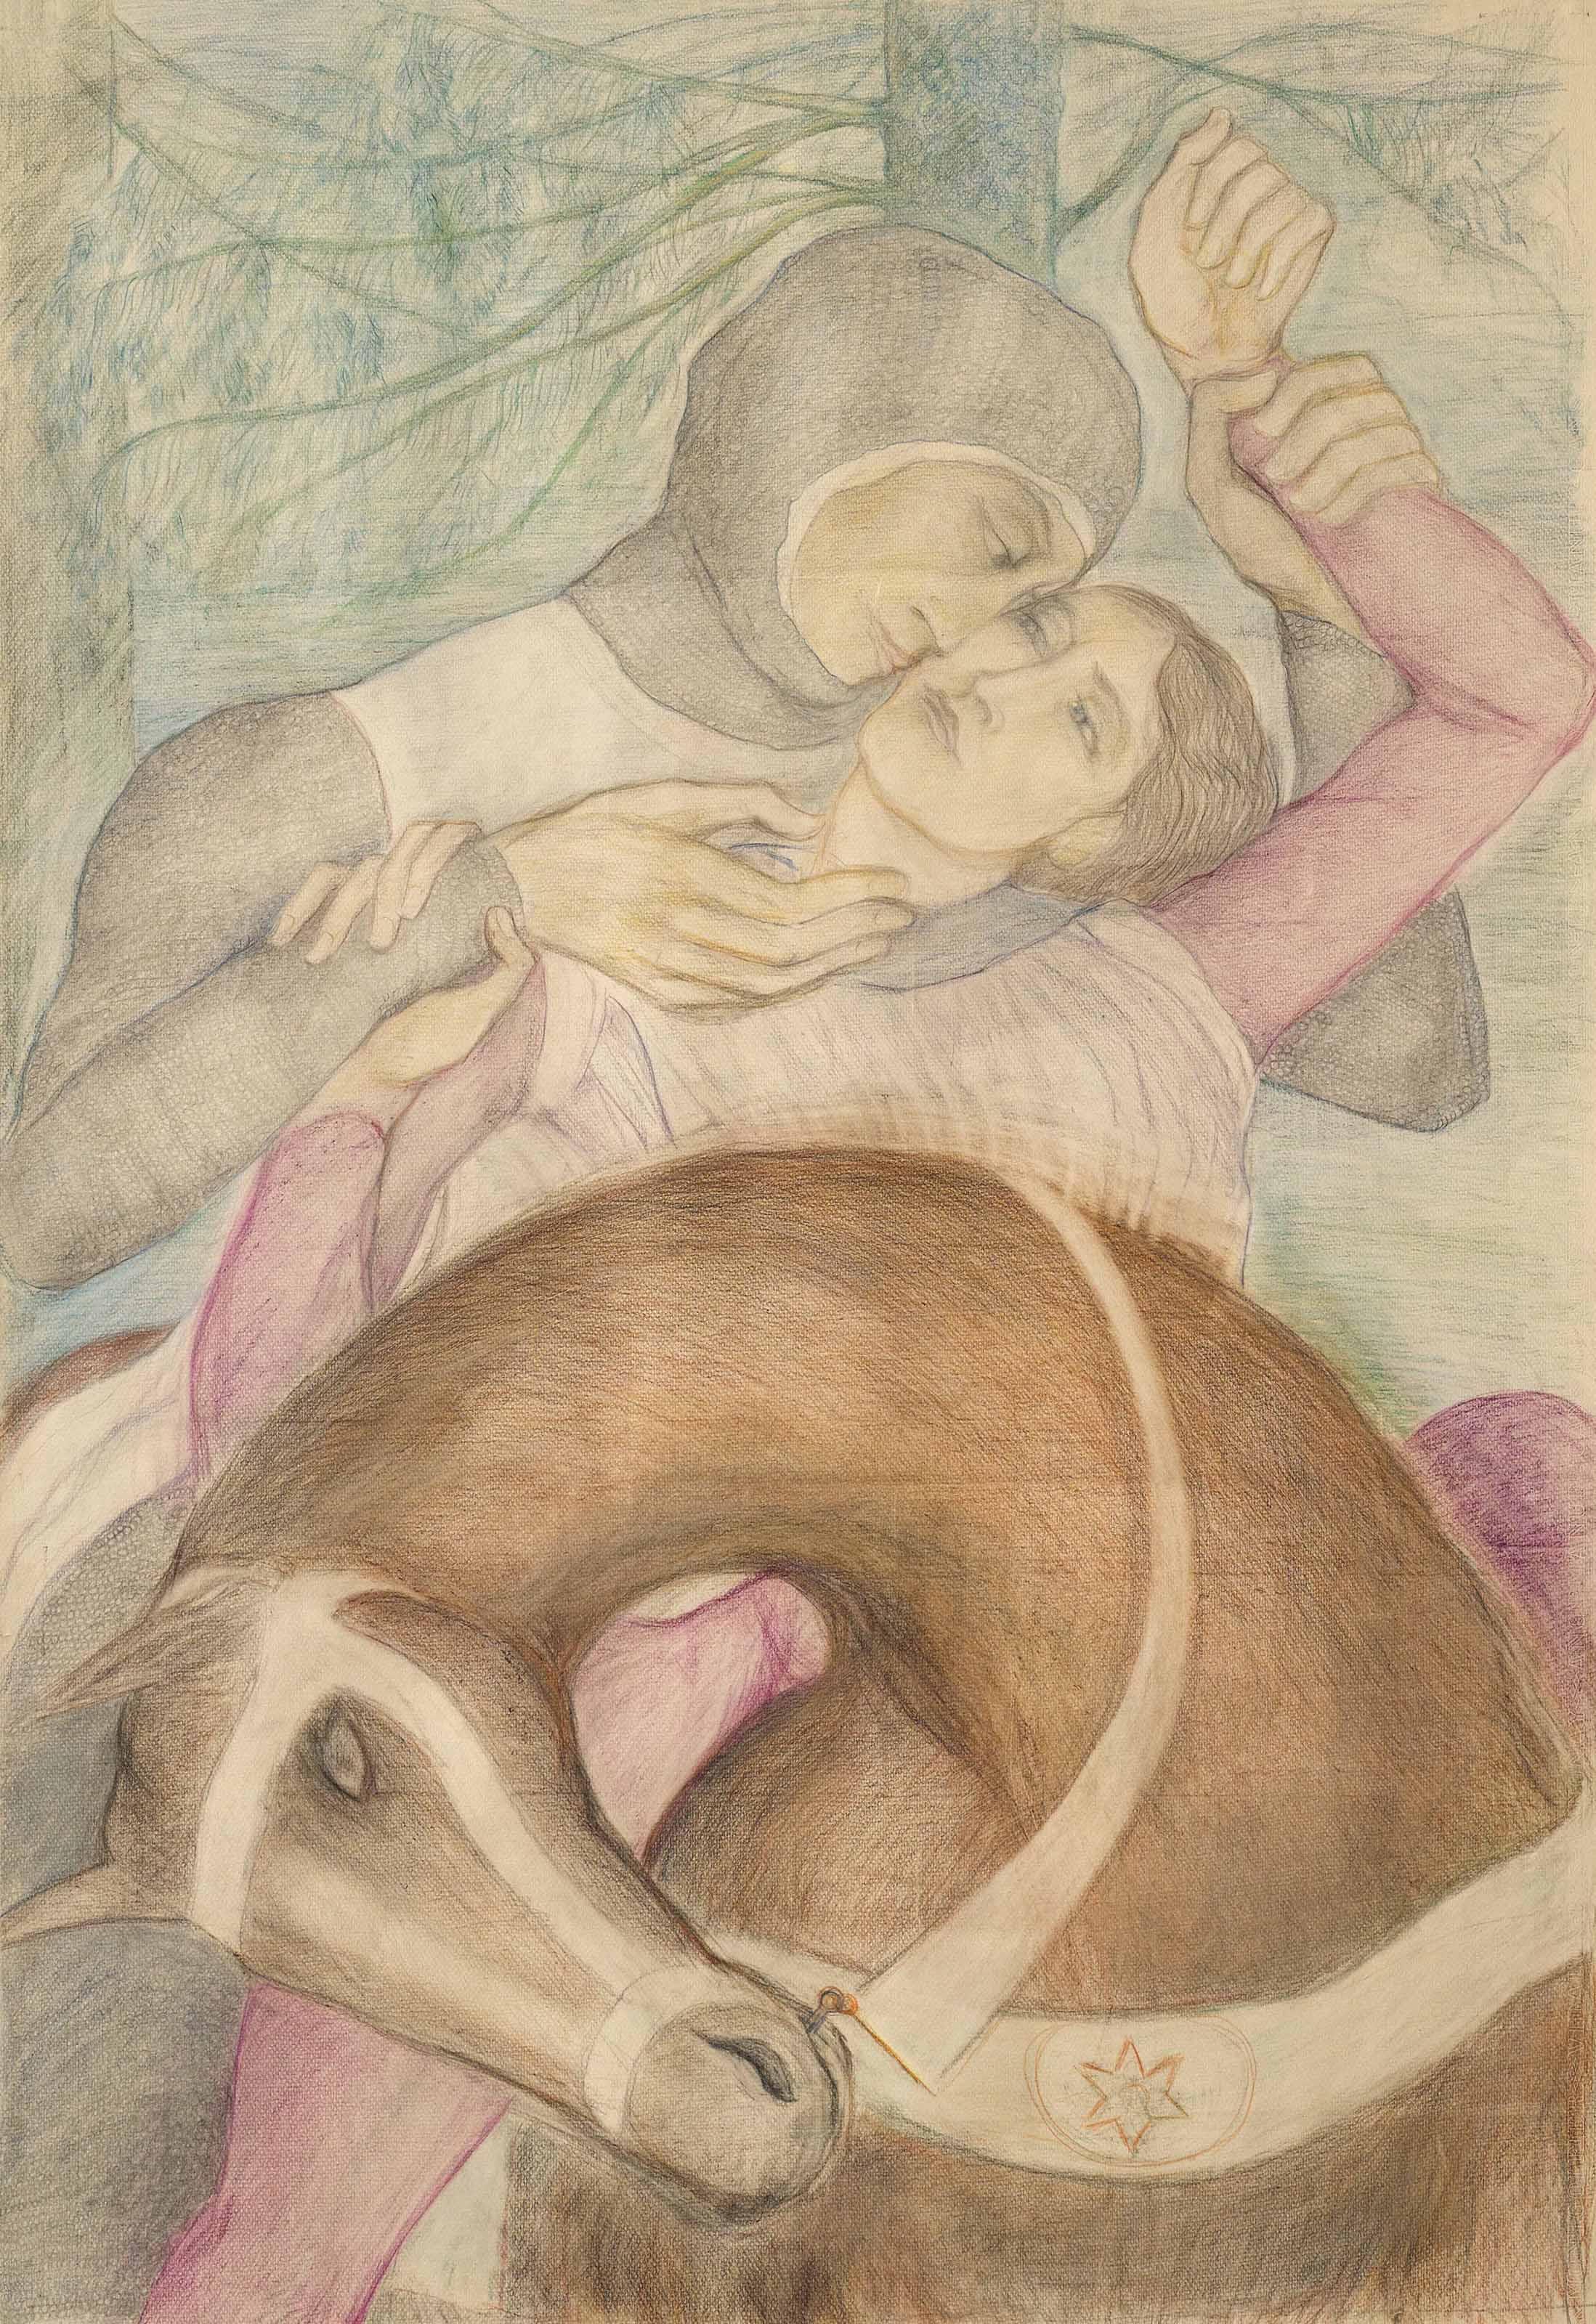 Le jeune Ogier dans les bras du Frère Lahire